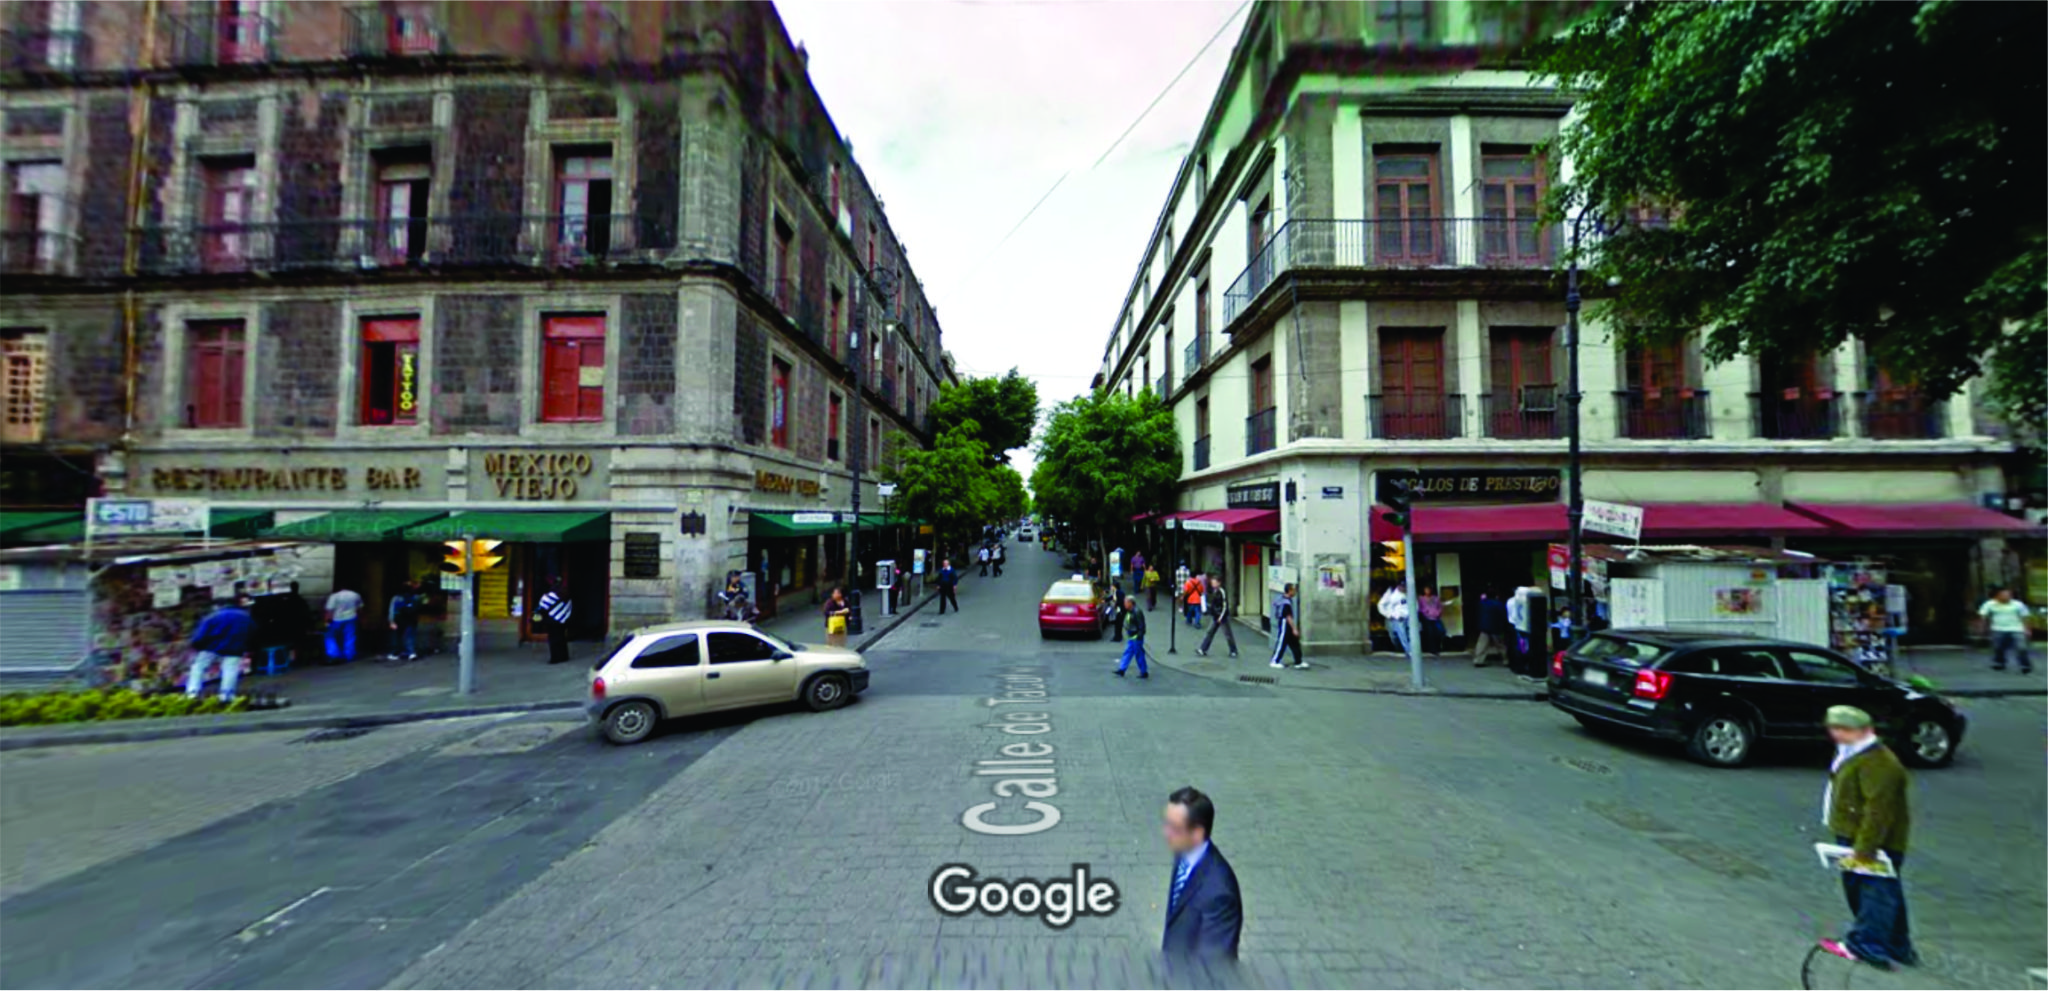 calle más antigua Tacuba inicio Mexico DF